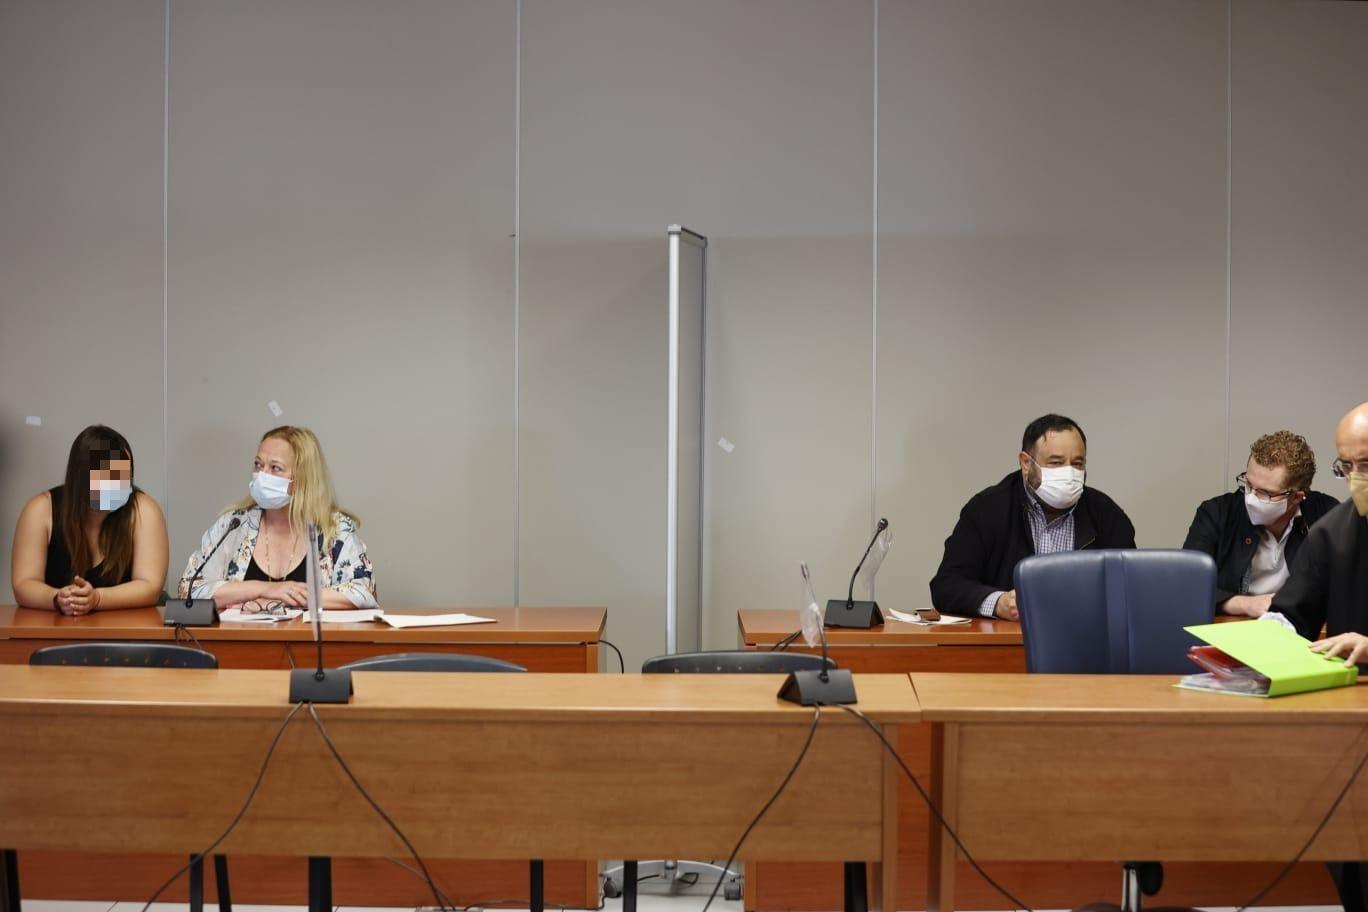 Crimen de Godella: los padres, culpables del asesinato de los niños